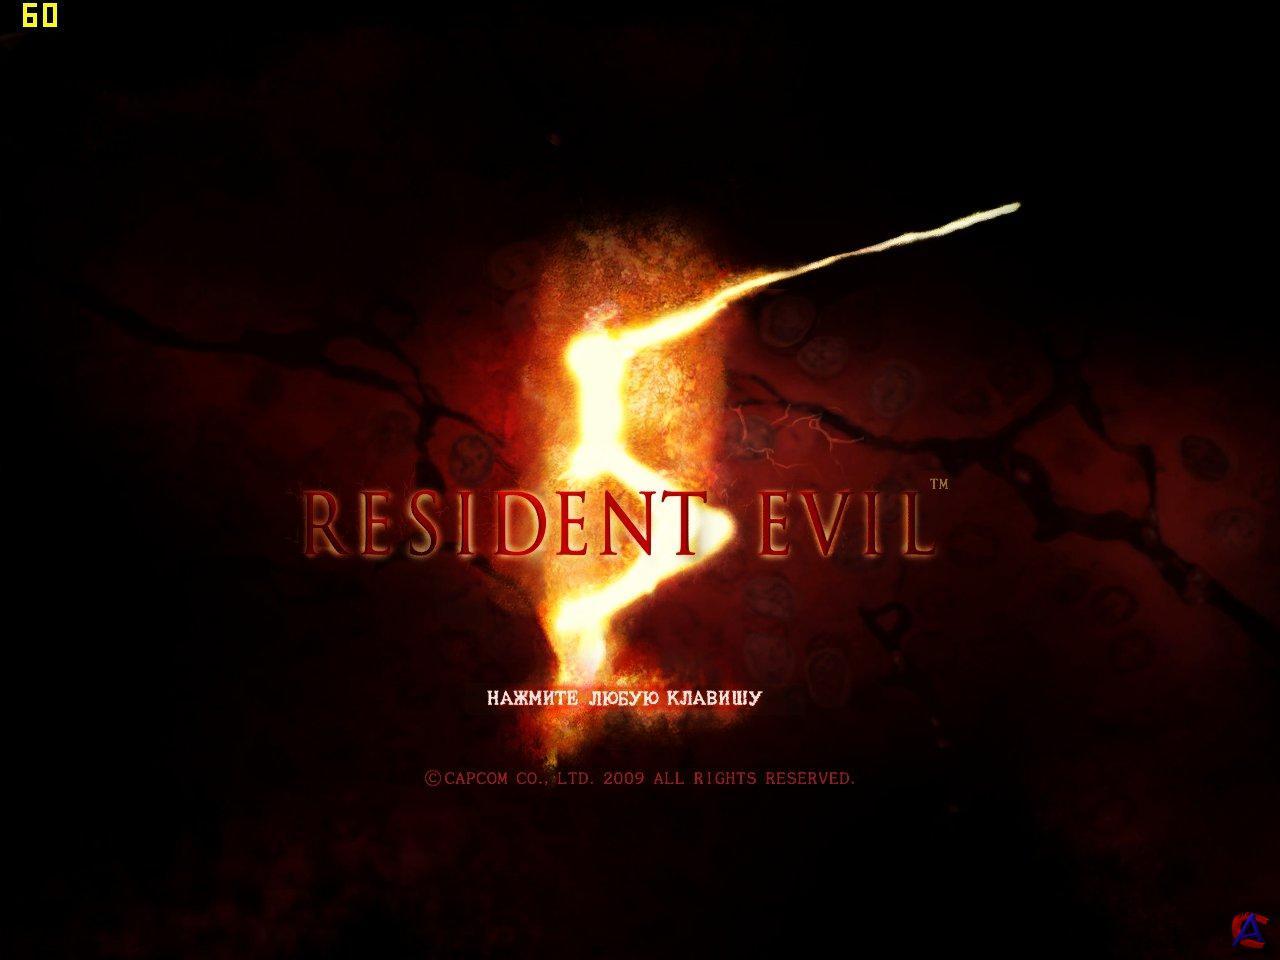 Полный русификатор звука для Resident Evil 5 (профессиональный) 2009